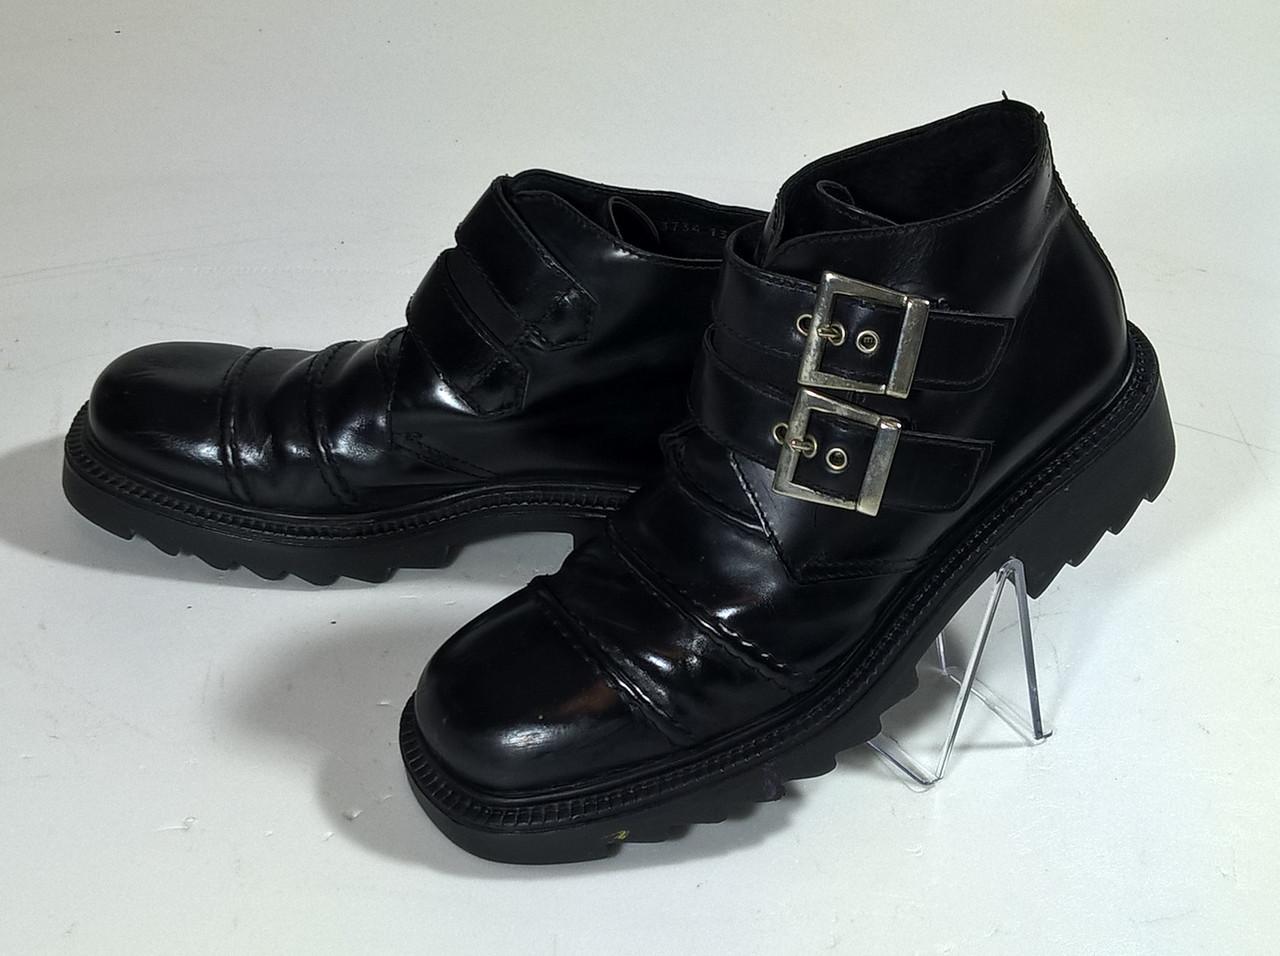 Ботинки мужские 41 размер VERA GOMMA(ITALY)